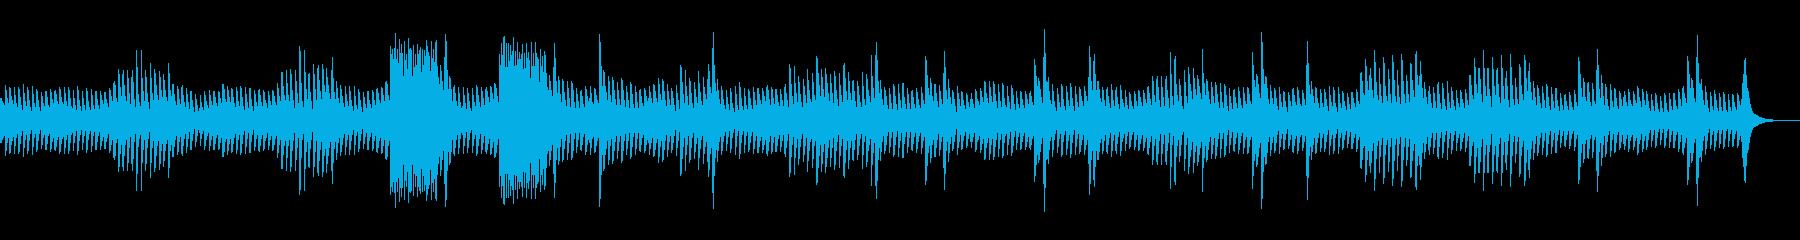 グノシエンヌ No.4_オルゴールverの再生済みの波形